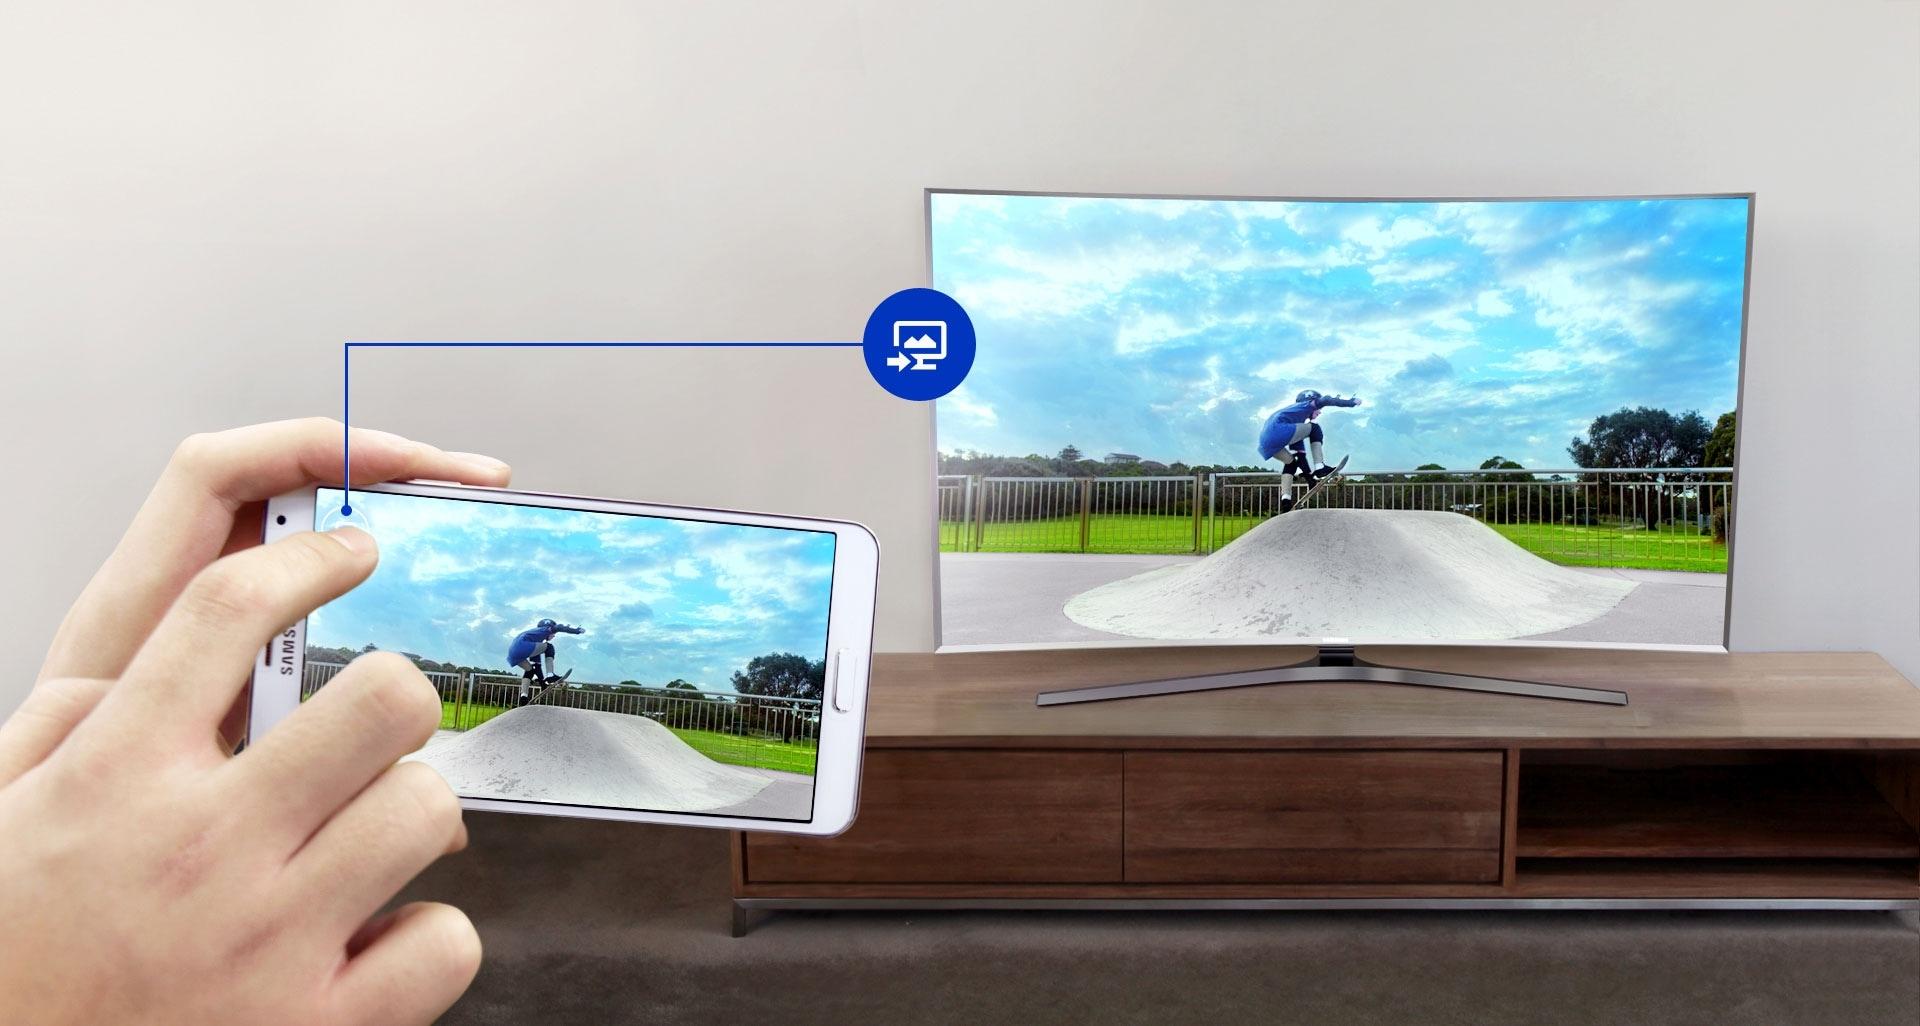 Votre téléviseur et vos appareils mobiles sont parfaitement synchronisés